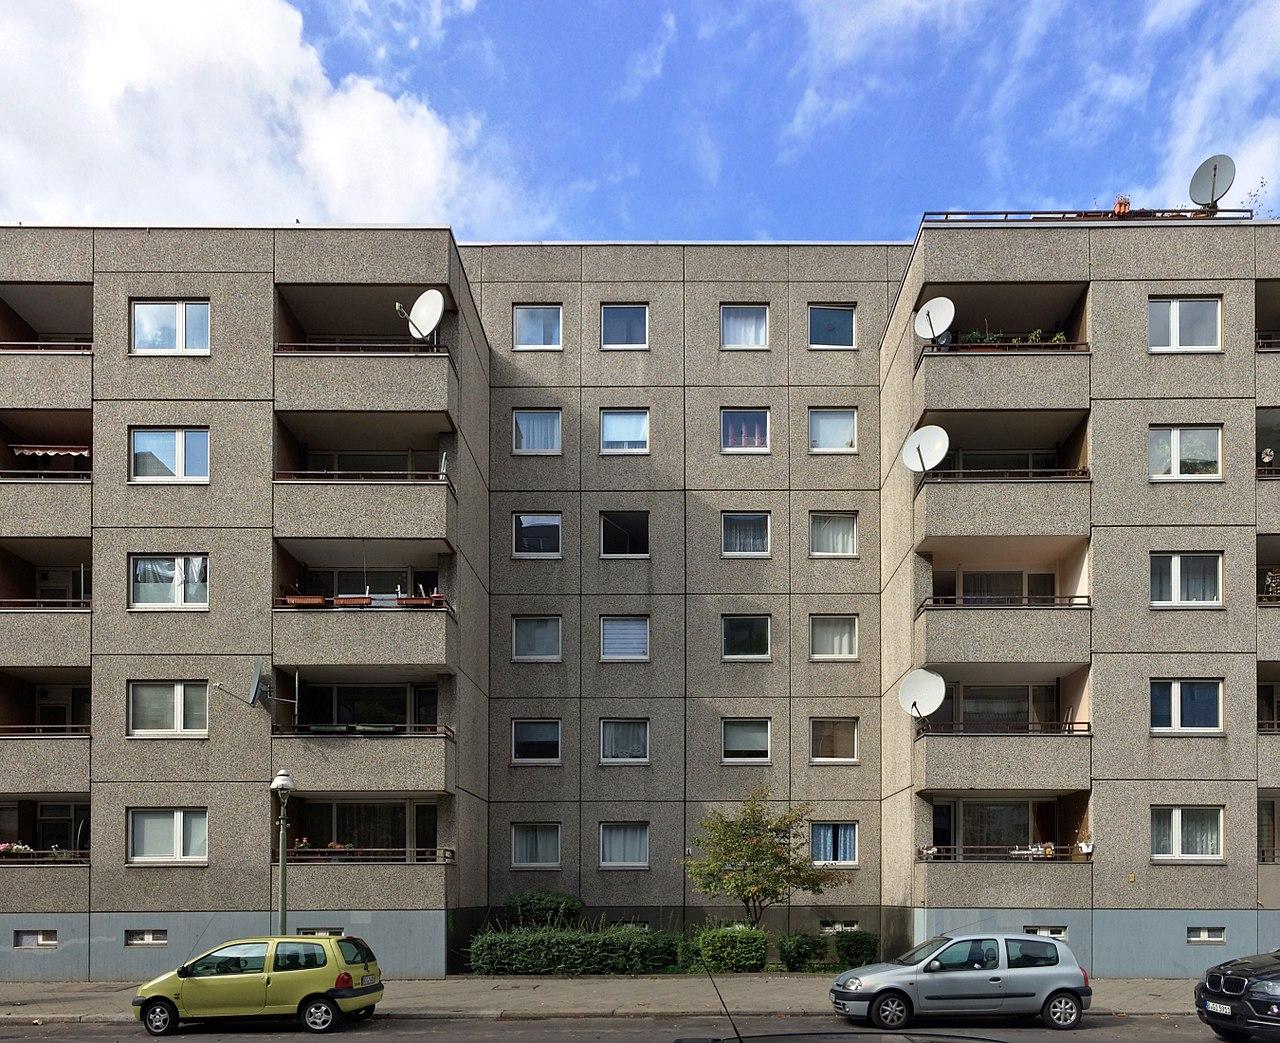 Berlin plattenbau